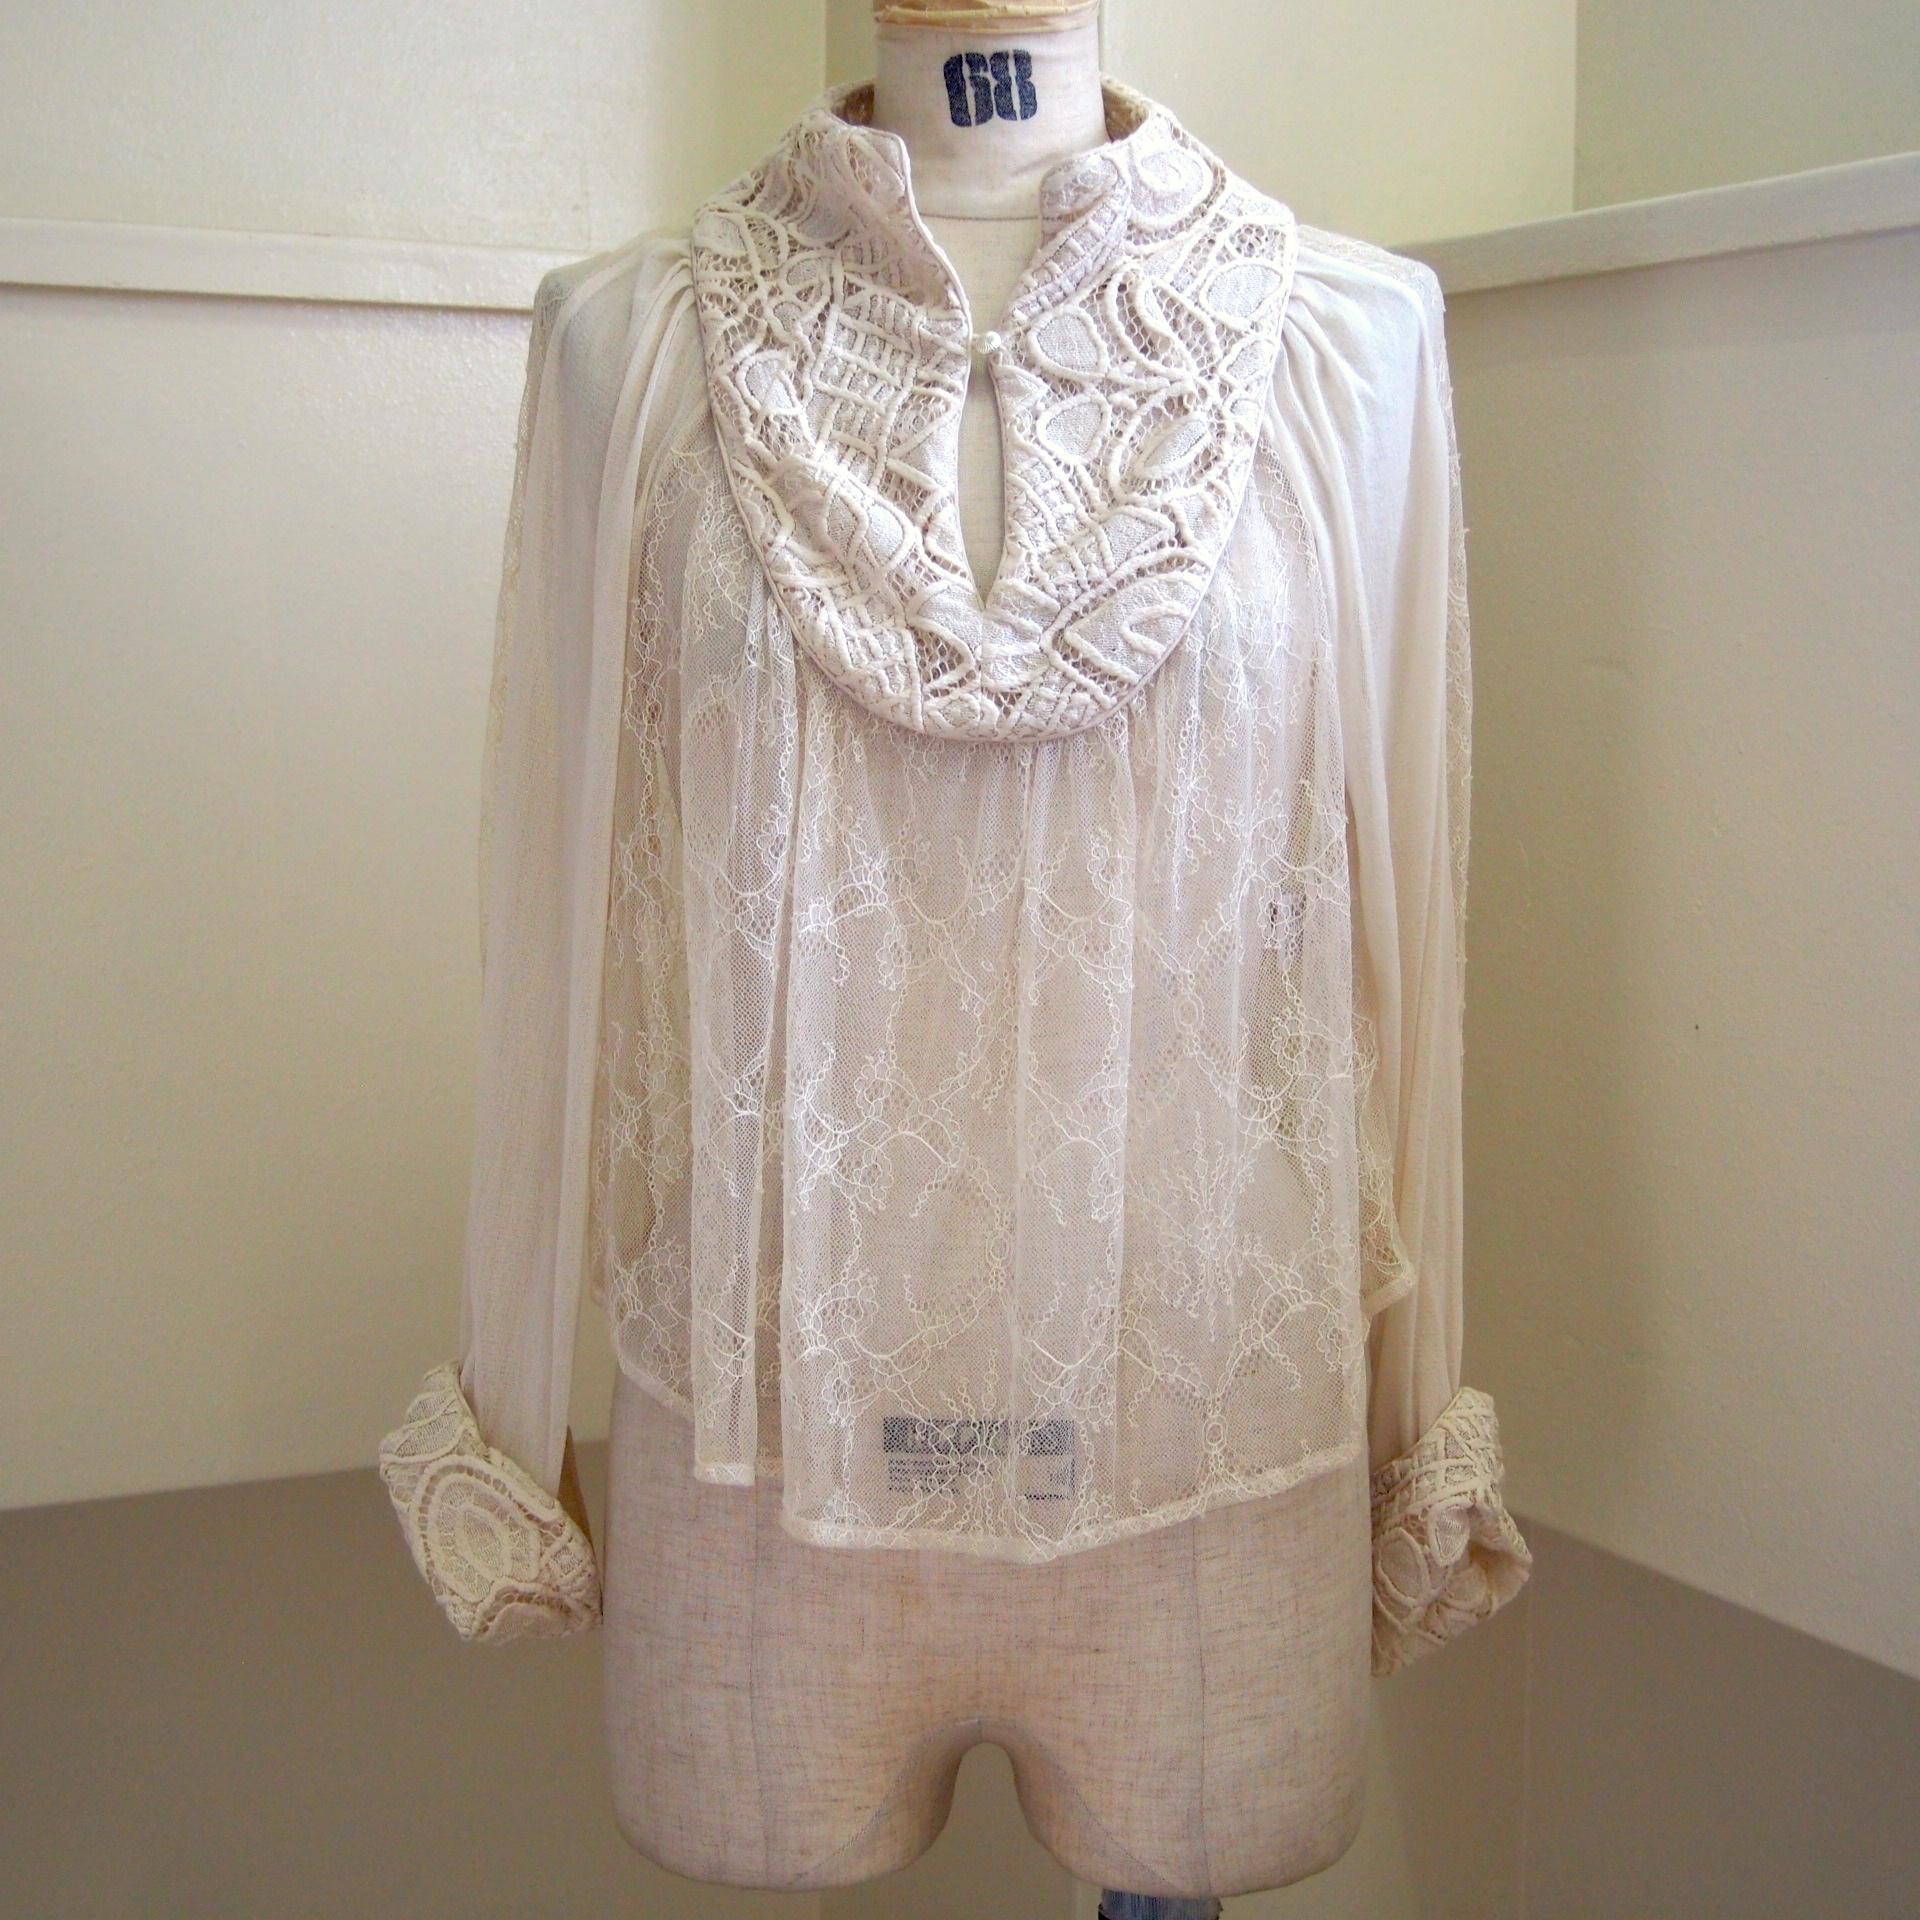 【RehersalL】lace trimming blouse(milk) /【リハーズオール】レーストリミングブラウス(ミルク)